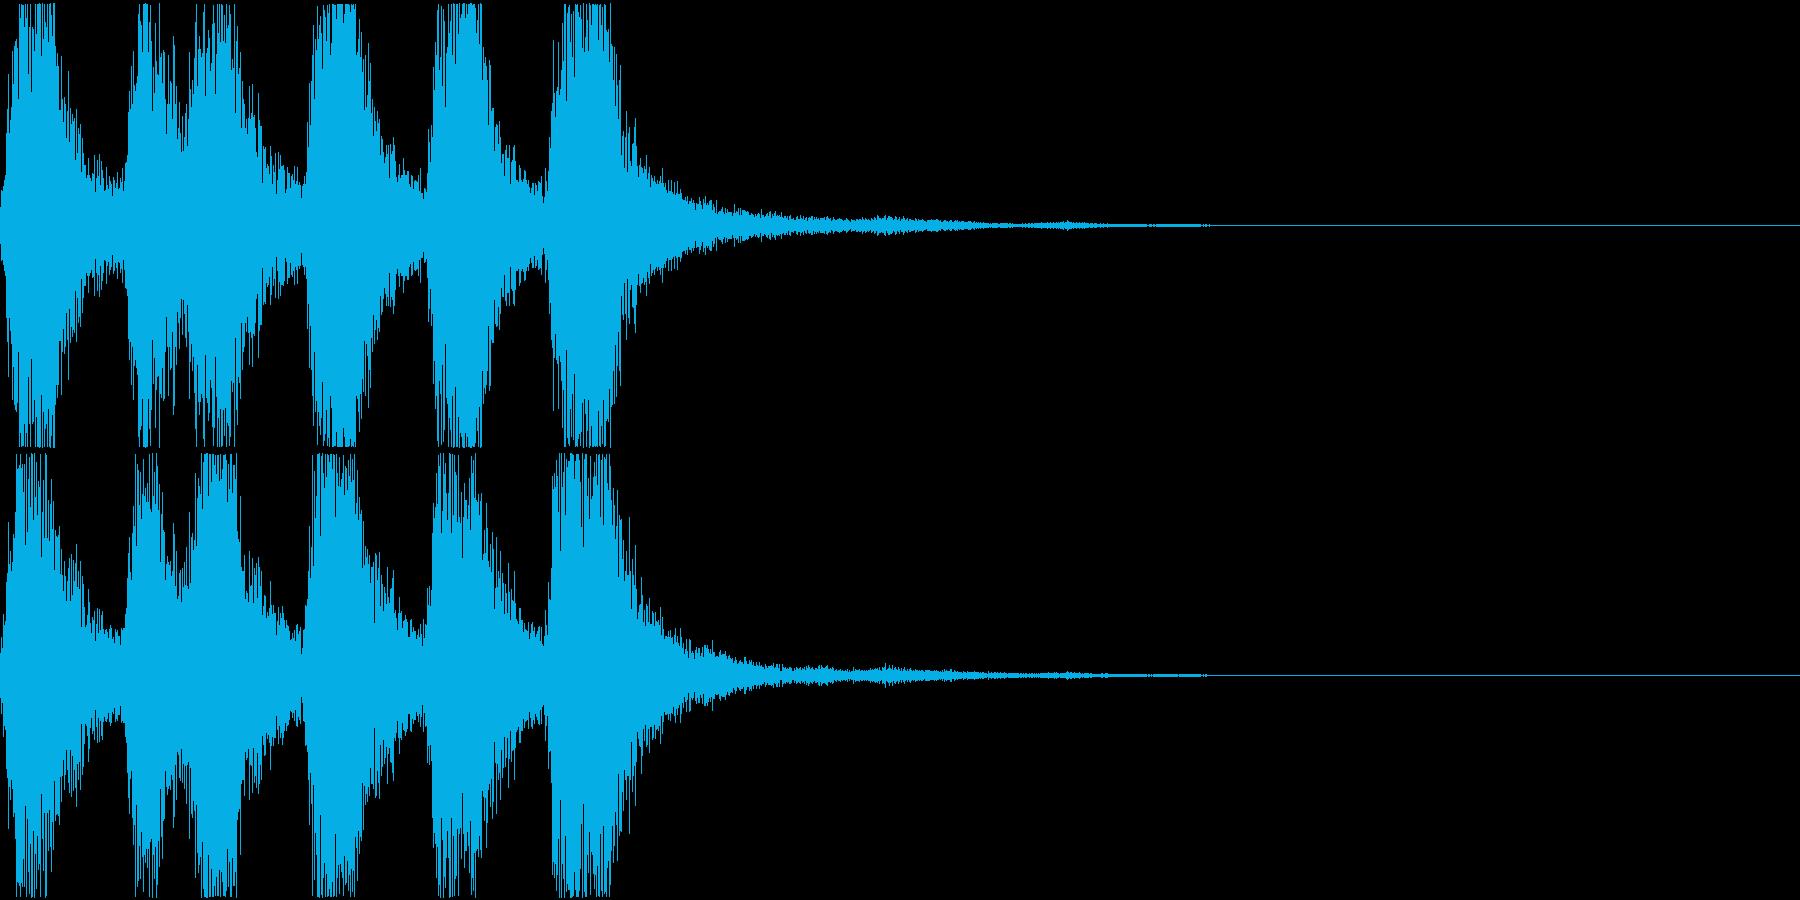 ラッパ ファンファーレ 定番 14の再生済みの波形